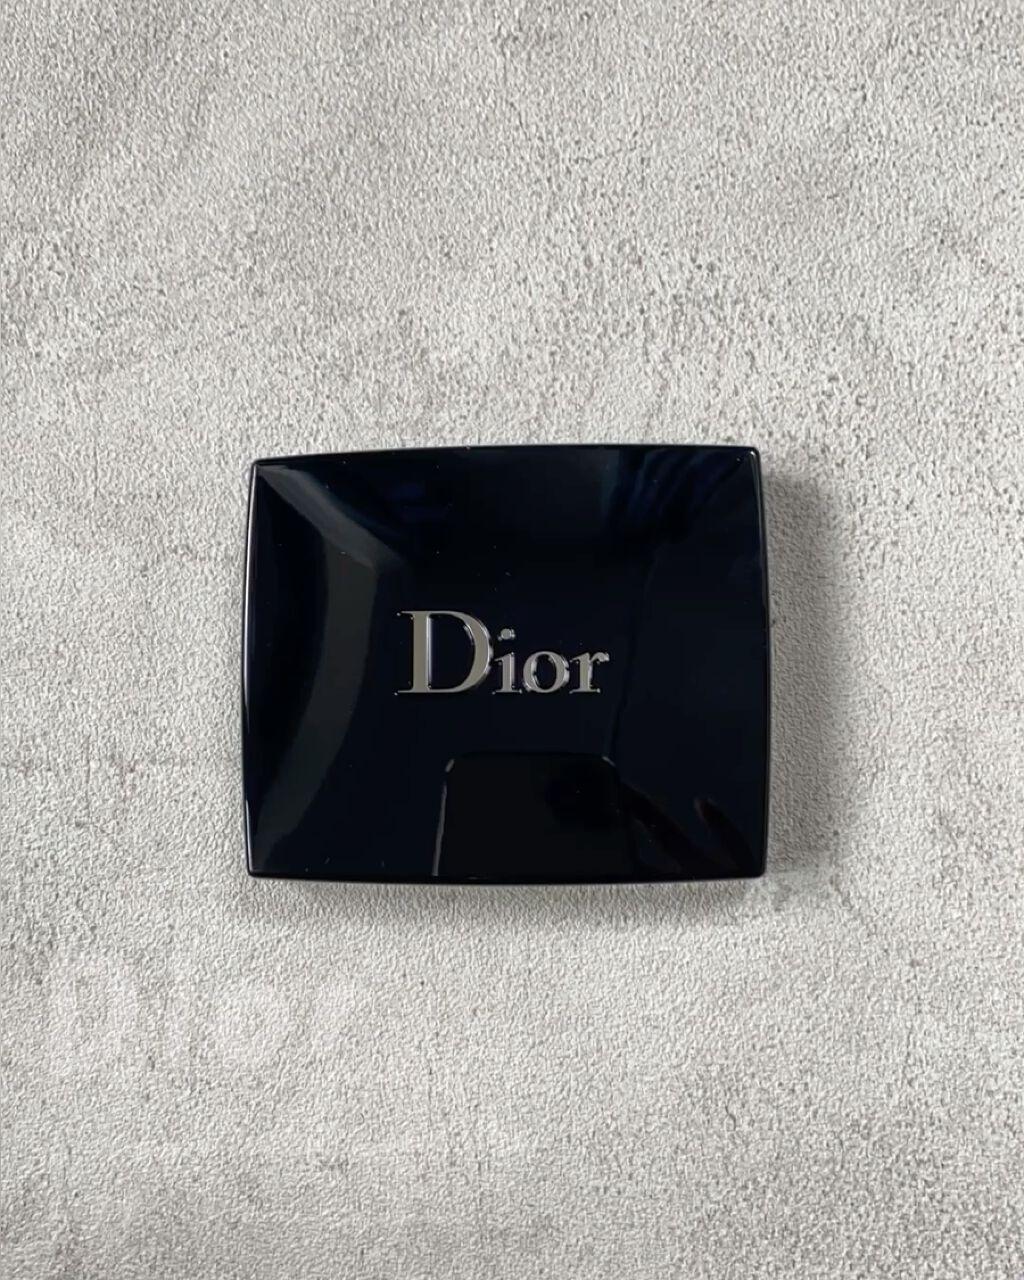 サンク クルール クチュール <サマー デューン>/Dior/パウダーアイシャドウを使ったクチコミ(10枚目)